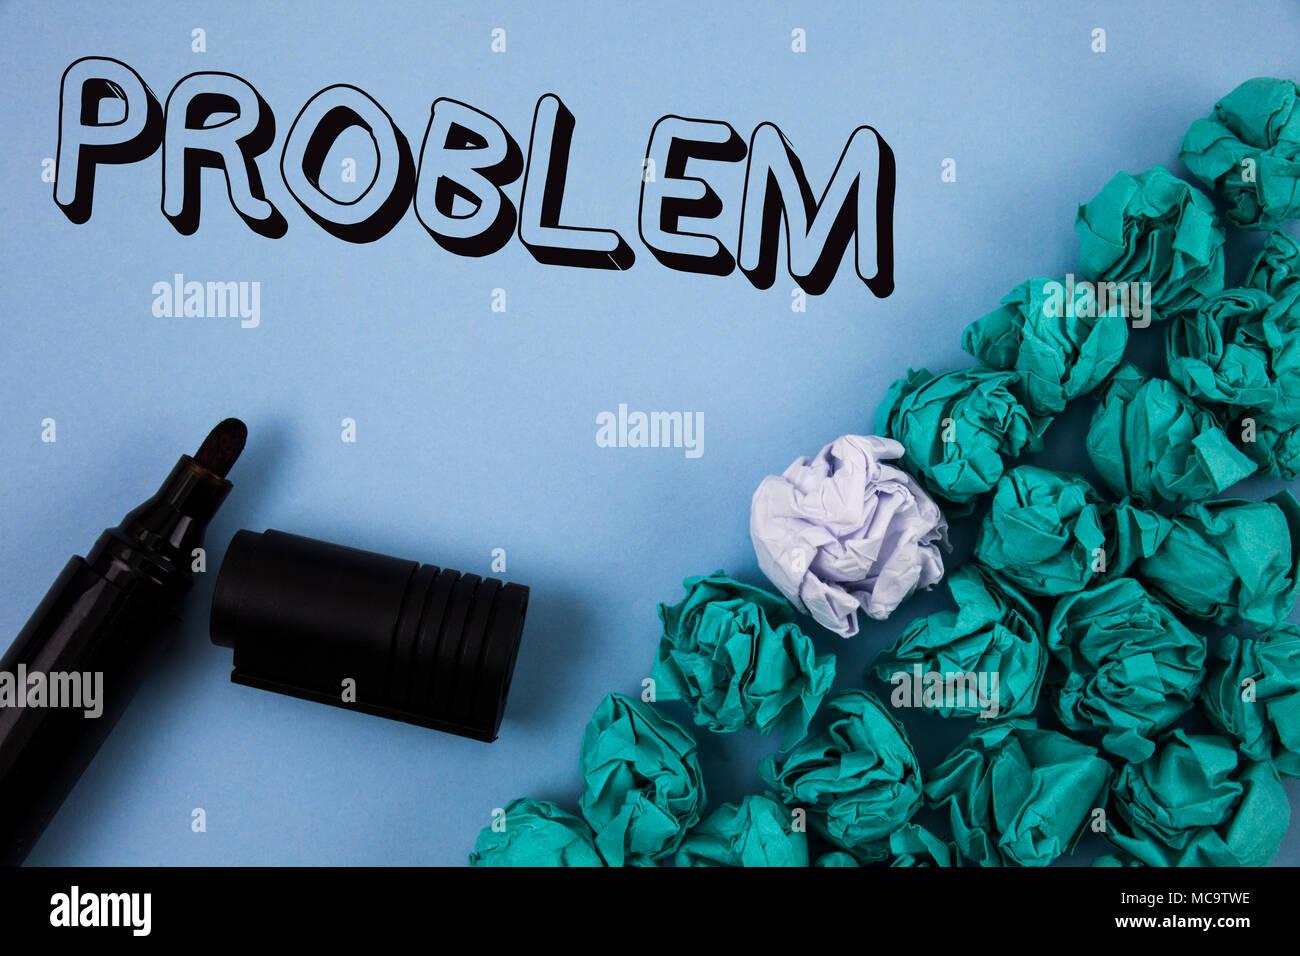 Testo della scrittura problema. Concetto significato dei problemi che devono essere risolti situazione difficile complicazione pianura scritto sfondo blu la carta stropicciata Immagini Stock